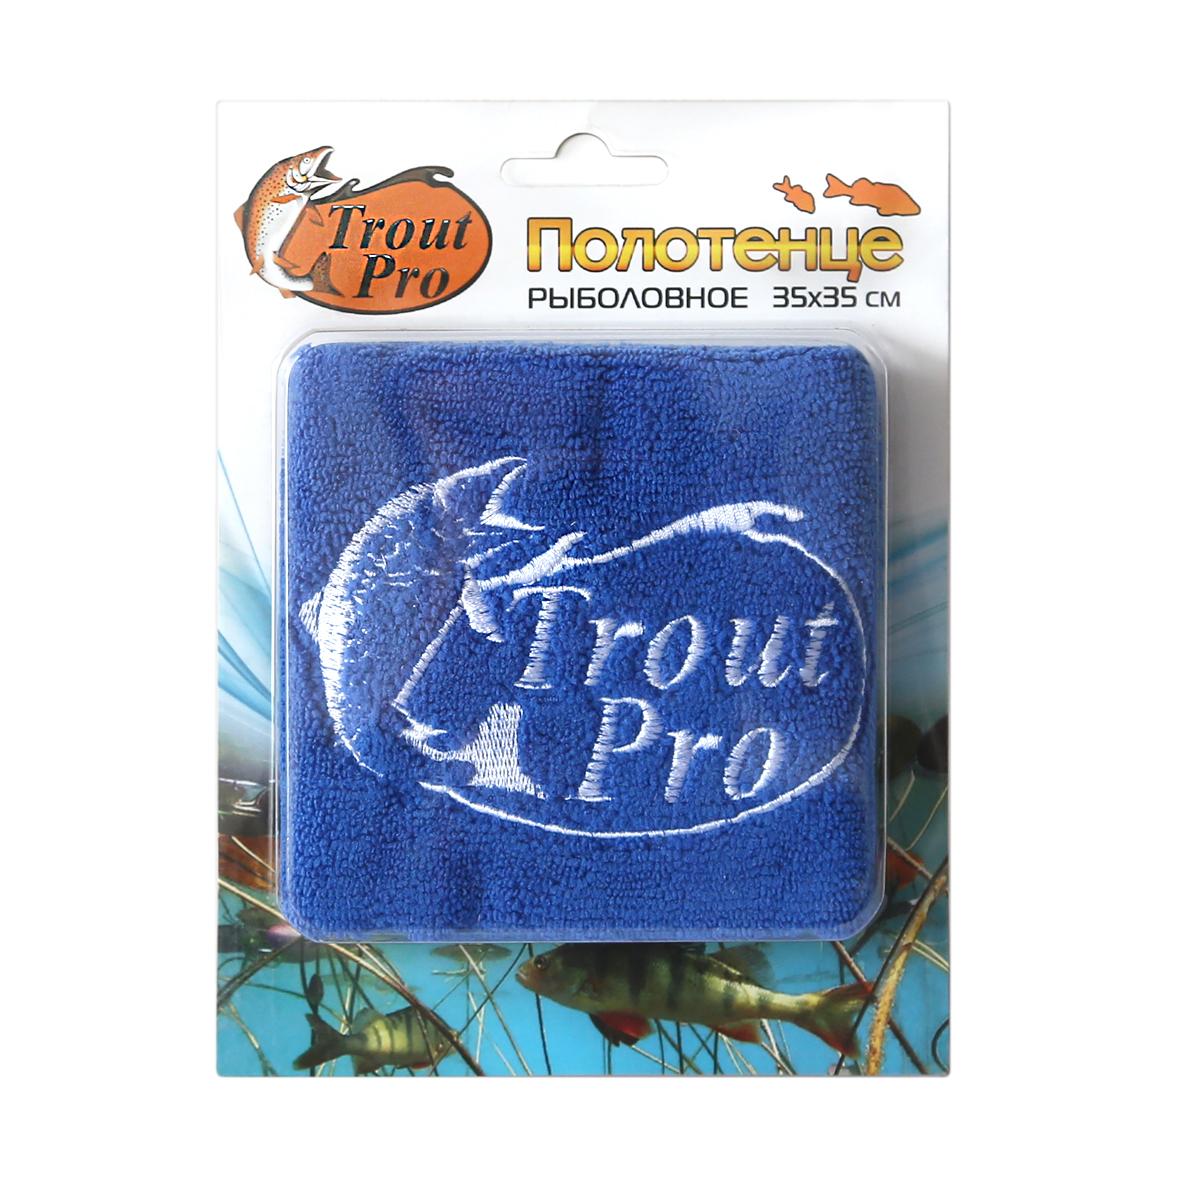 Полотенце Trout Pro рыболовное, цвет: синий, 35 х 35 смMABLSEH10001Рыболовное полотенце было создано специально для использования во время рыбалки, походов и путешествий. В конструкции имеется специальный люверс и карабин, который позволяет закрепить полотенце на одежде или туристическом снаряжении для быстрого доступа к нему. Изготовлено из микрофибры, что придало ему впитываемость в 7 раз больше, чем впитываемость обычного полотенца. Оно быстро сохнет и легко стирается. Полотенце занимает мало места в сложенном виде, поэтому необходимо будет выдлить минимум места в вашем рюкзаке. Стирать полотенце рекомендуется вручную слабым моющим средством в теплой воде.